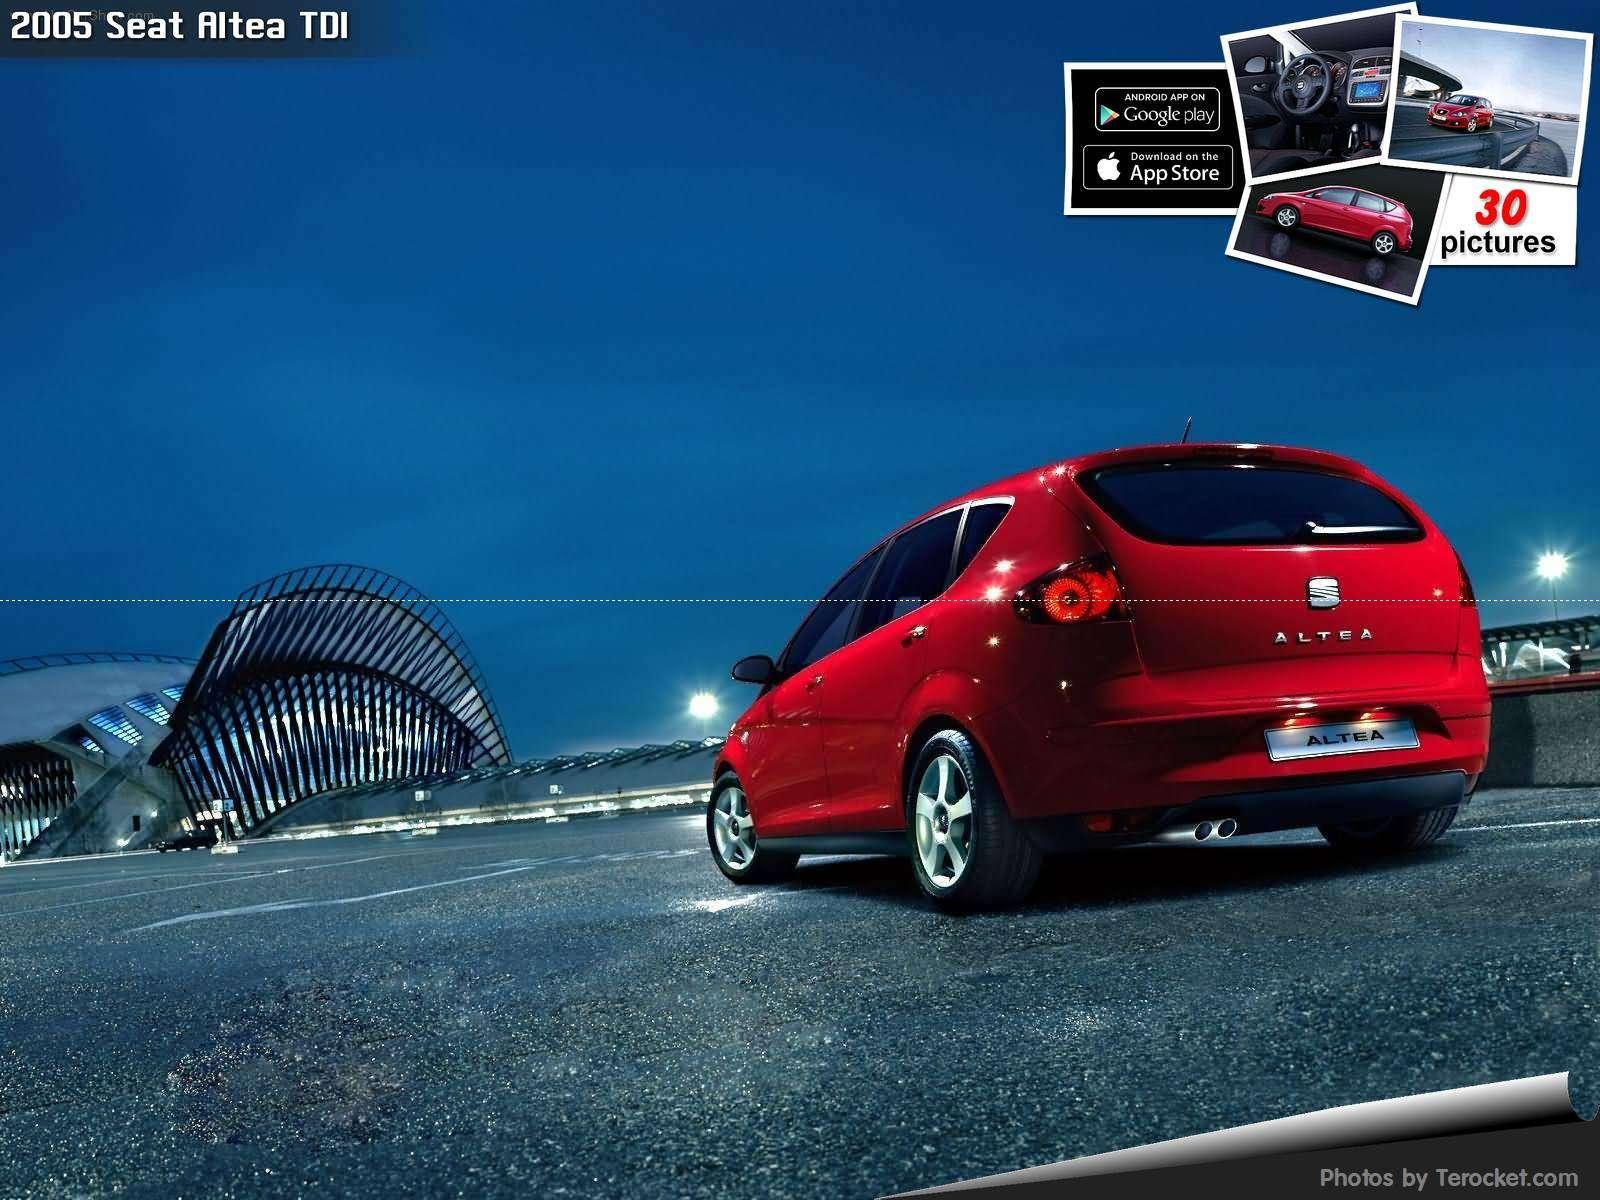 Hình ảnh xe ô tô Seat Altea TDI 2005 & nội ngoại thất